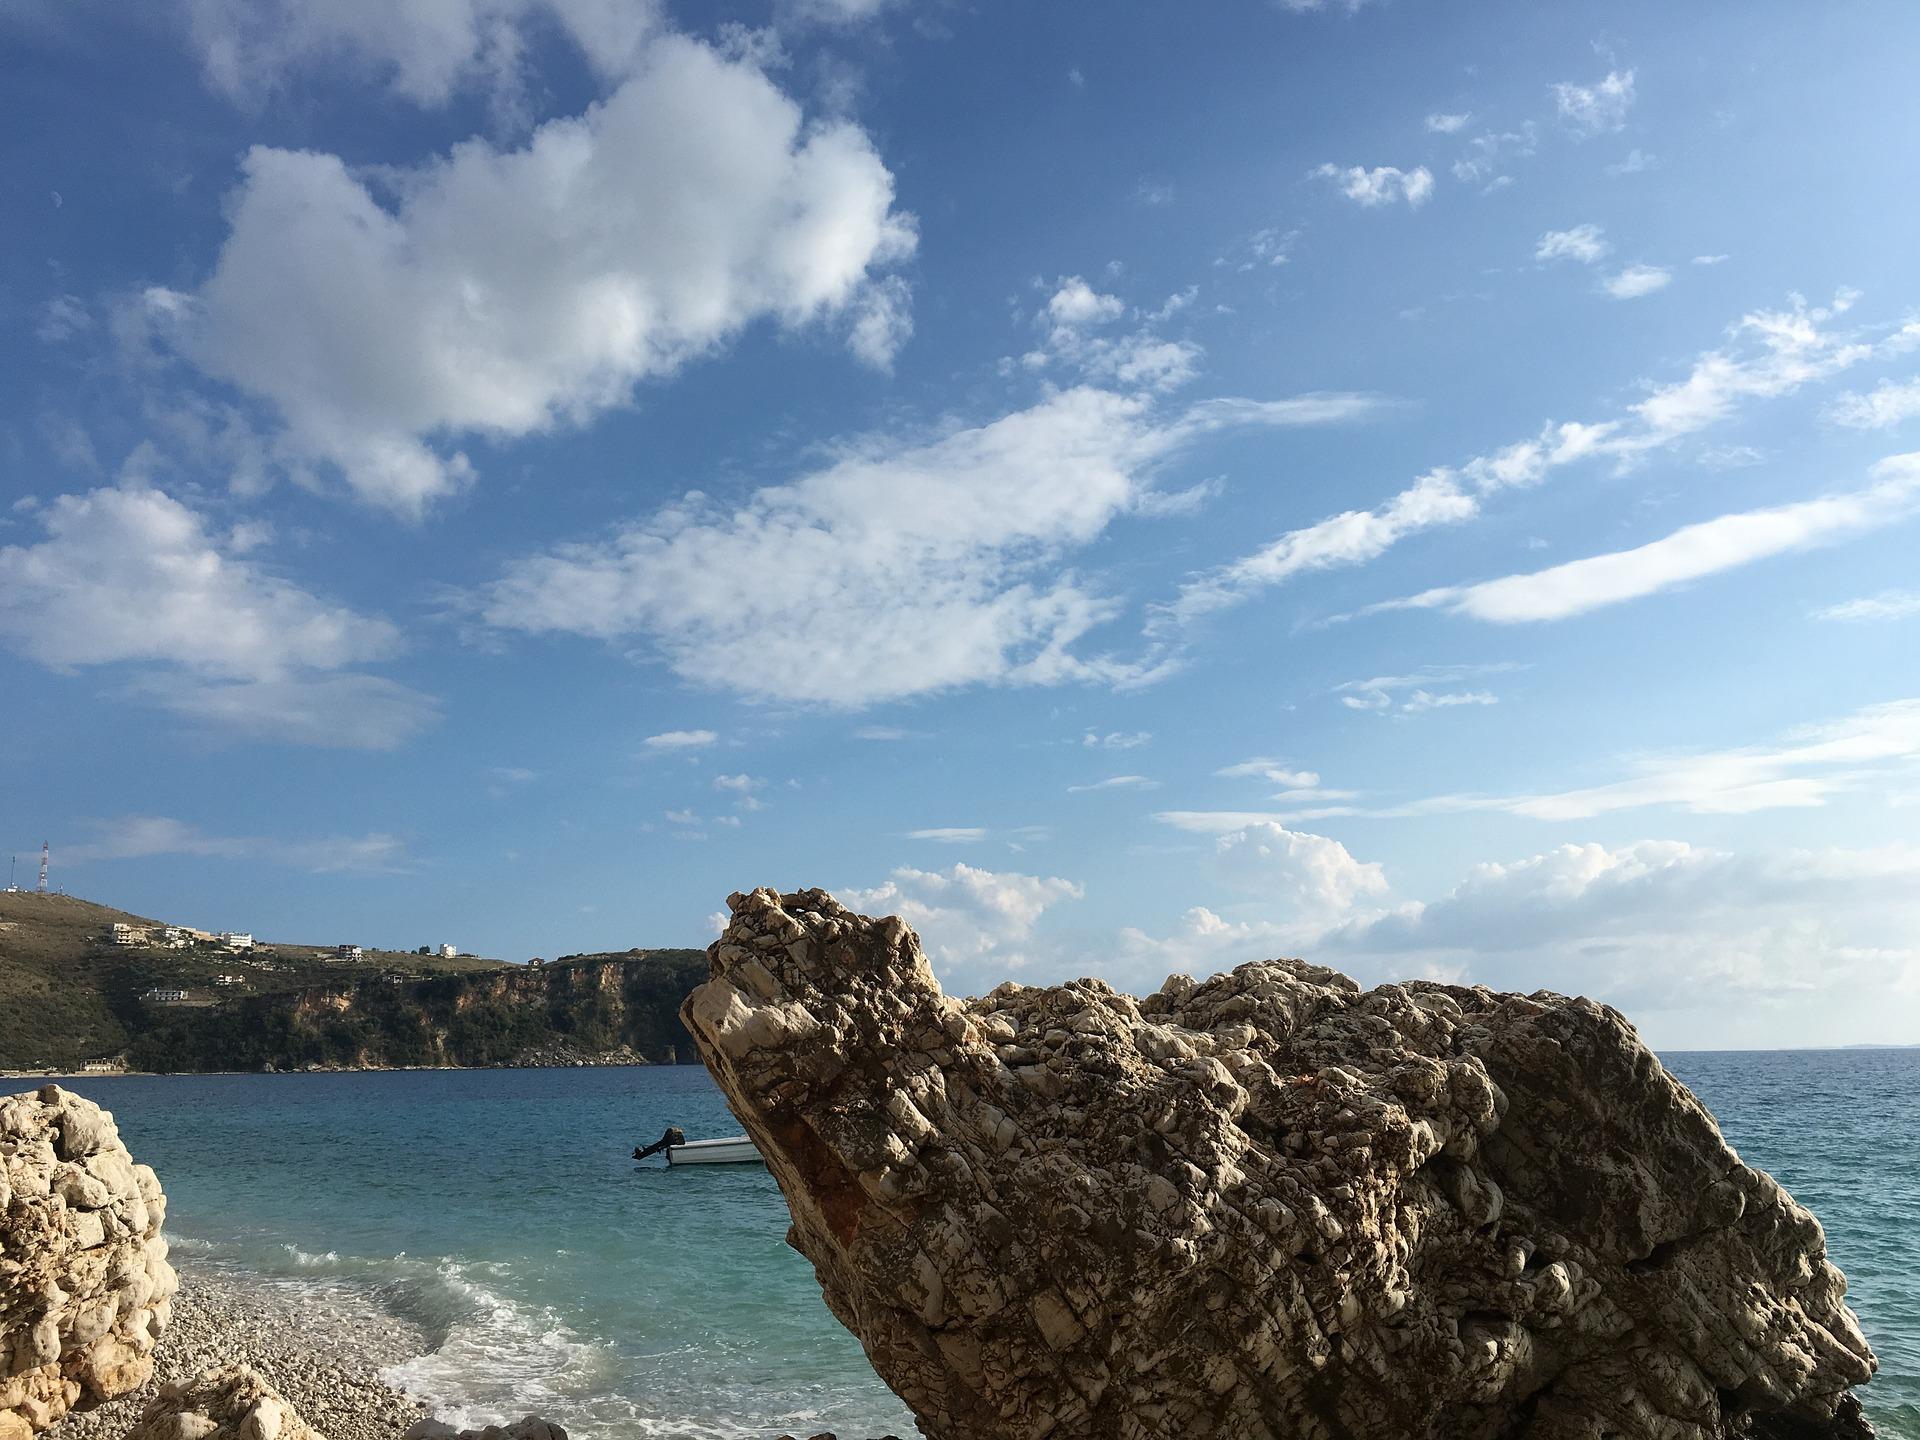 Ferien am Strand in Albanien genießen ist echt ein kleiner Luxus